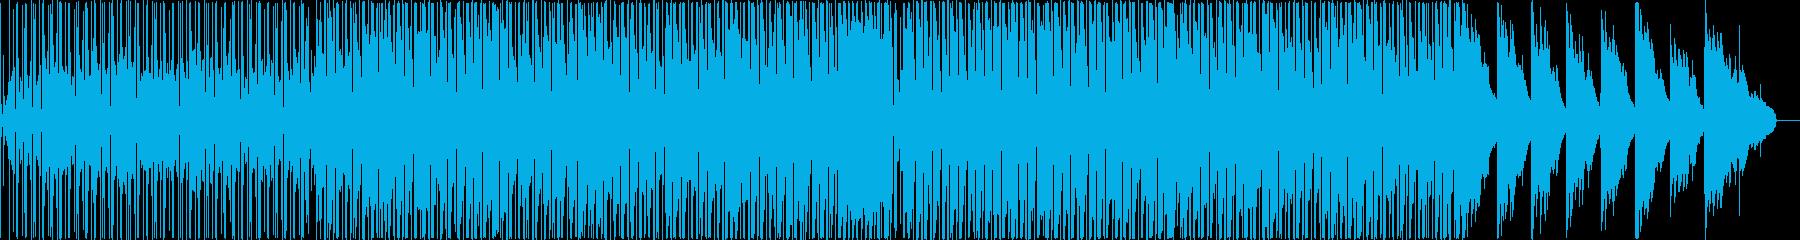 軽快でほのぼのと可愛い雰囲気のBGMの再生済みの波形